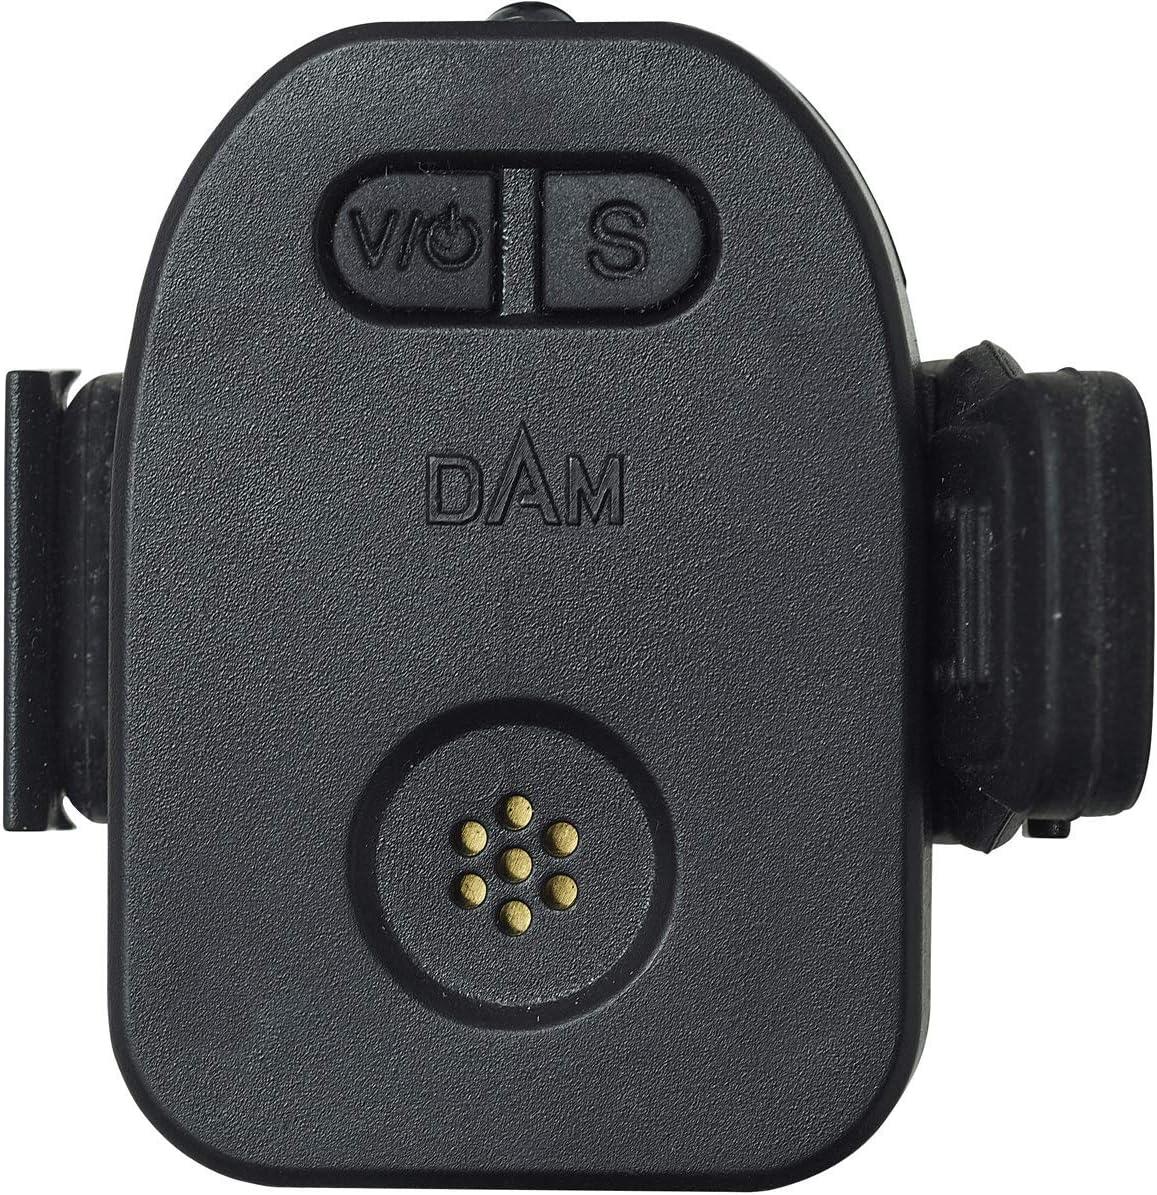 Deutsche Angelger/äte Manufaktur Dam E-Motion G2 Alarm Bissanzeiger